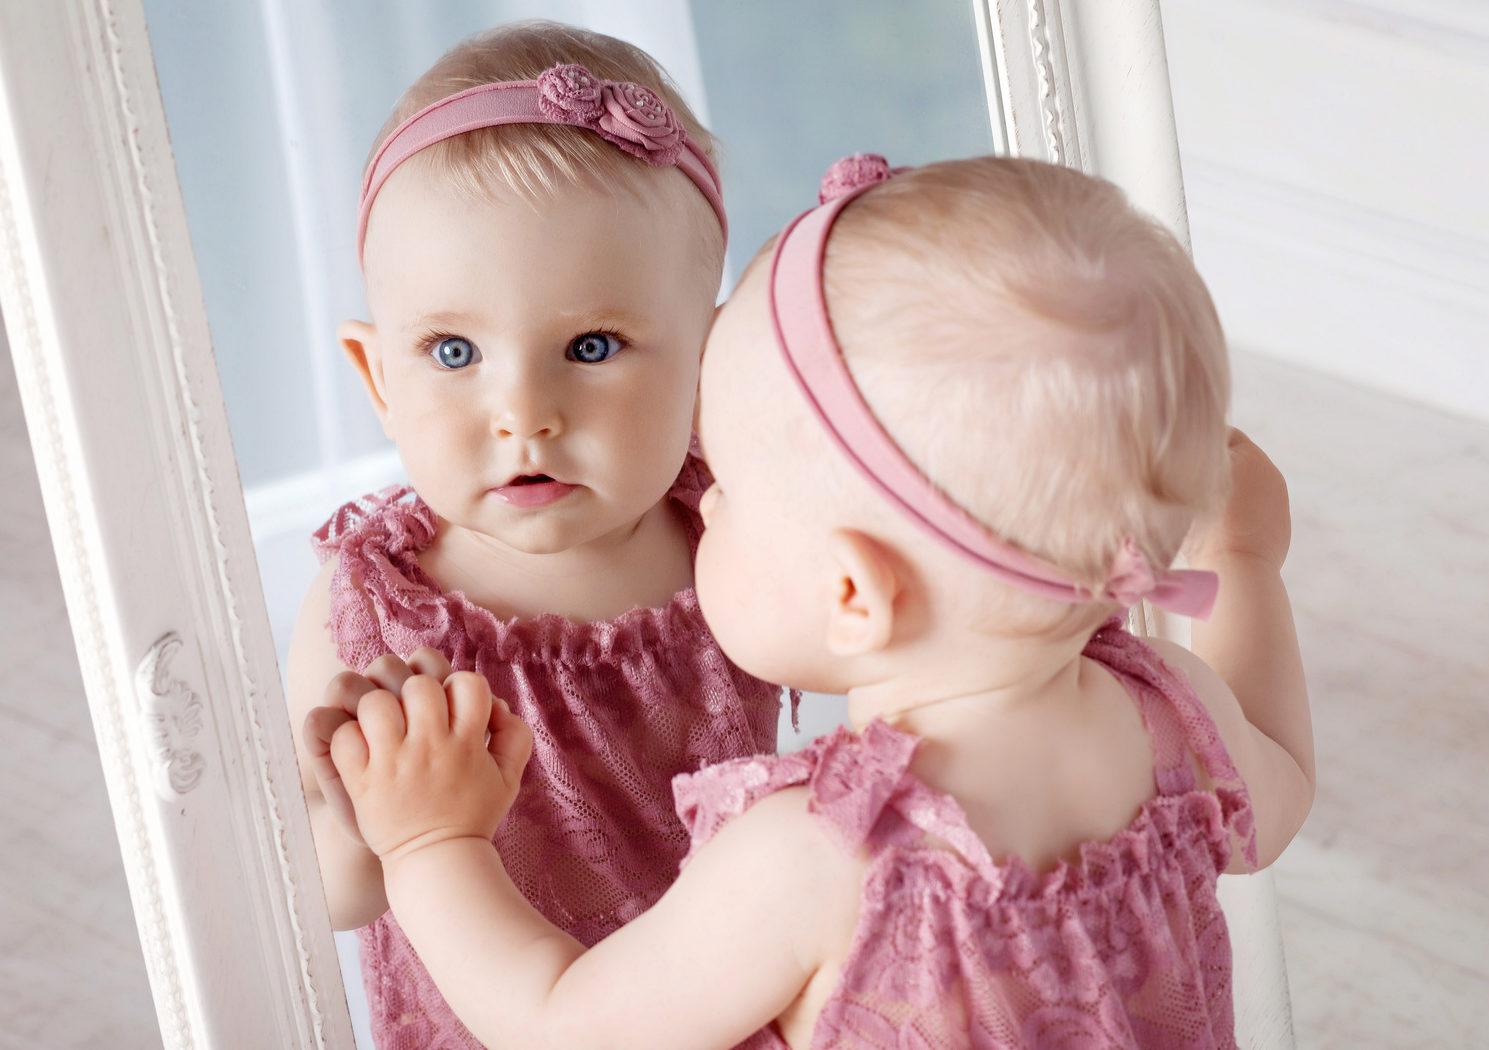 Das verzogene Einzelkind: Was ist dran an den Vorurteilen?